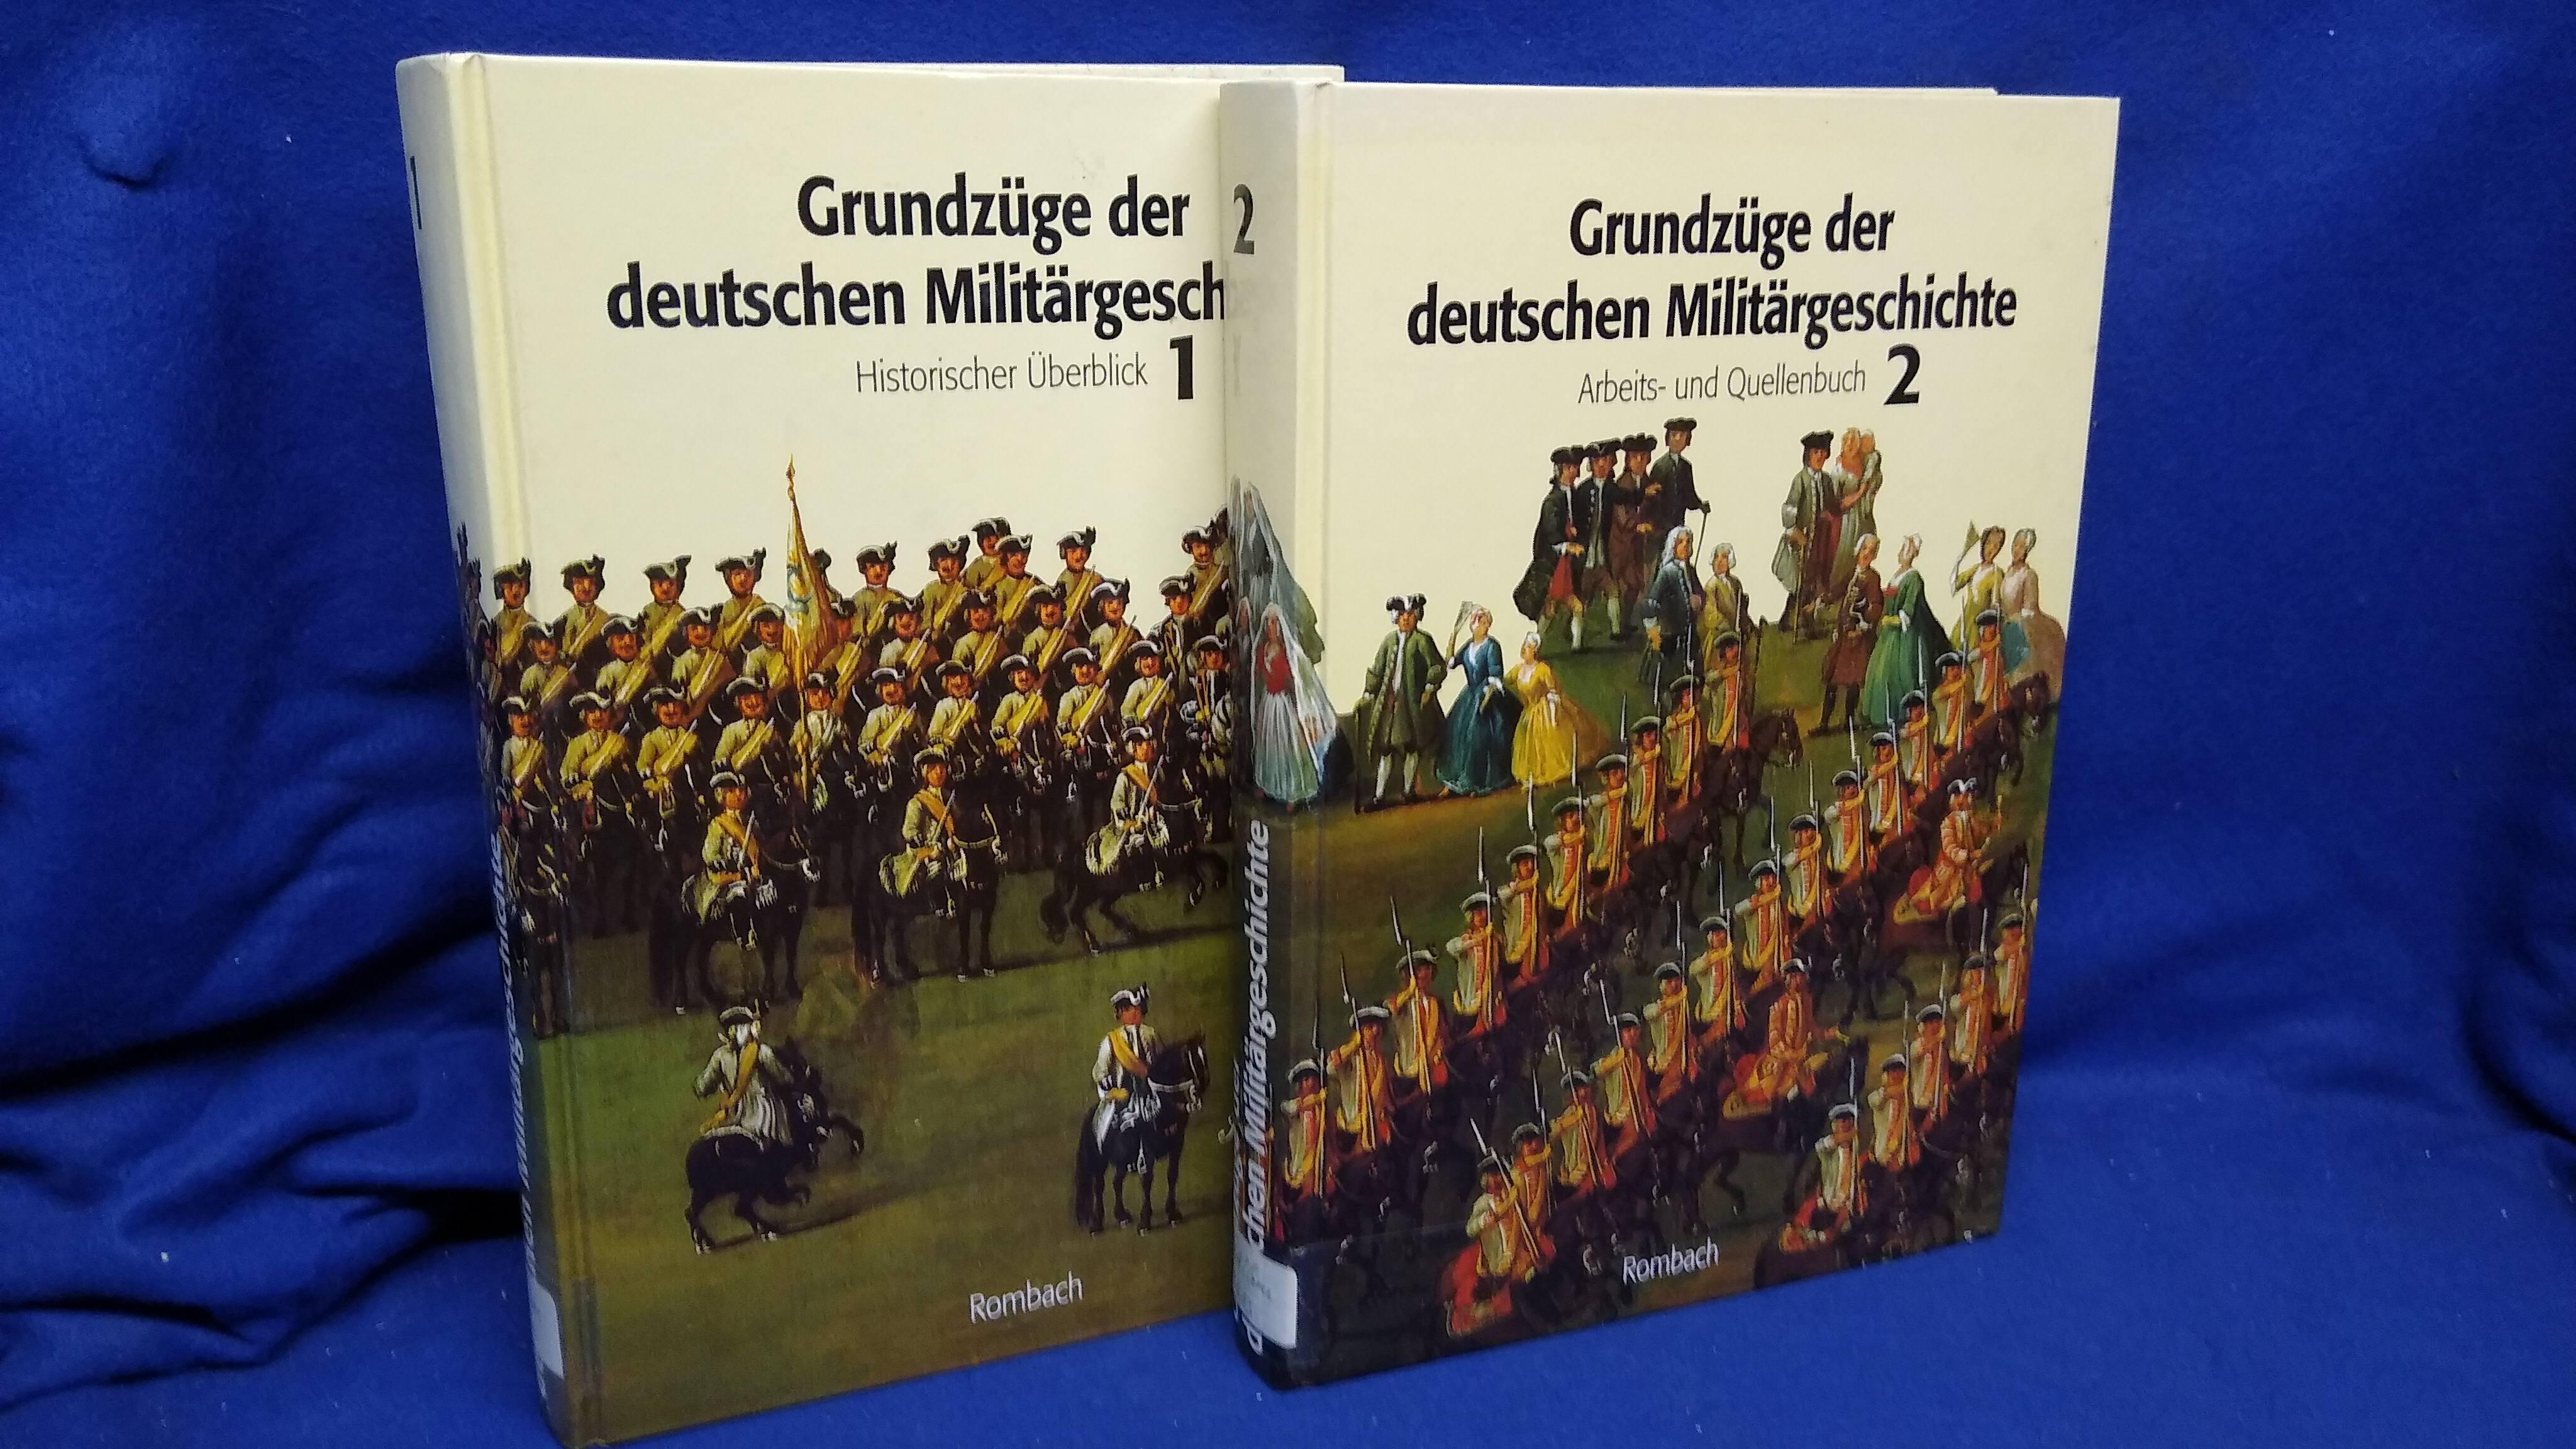 Grundzüge der deutschen Militärgeschichte.Band 1: Historischer Überblick.Band 2: Arbeits- und Quellenbuch.